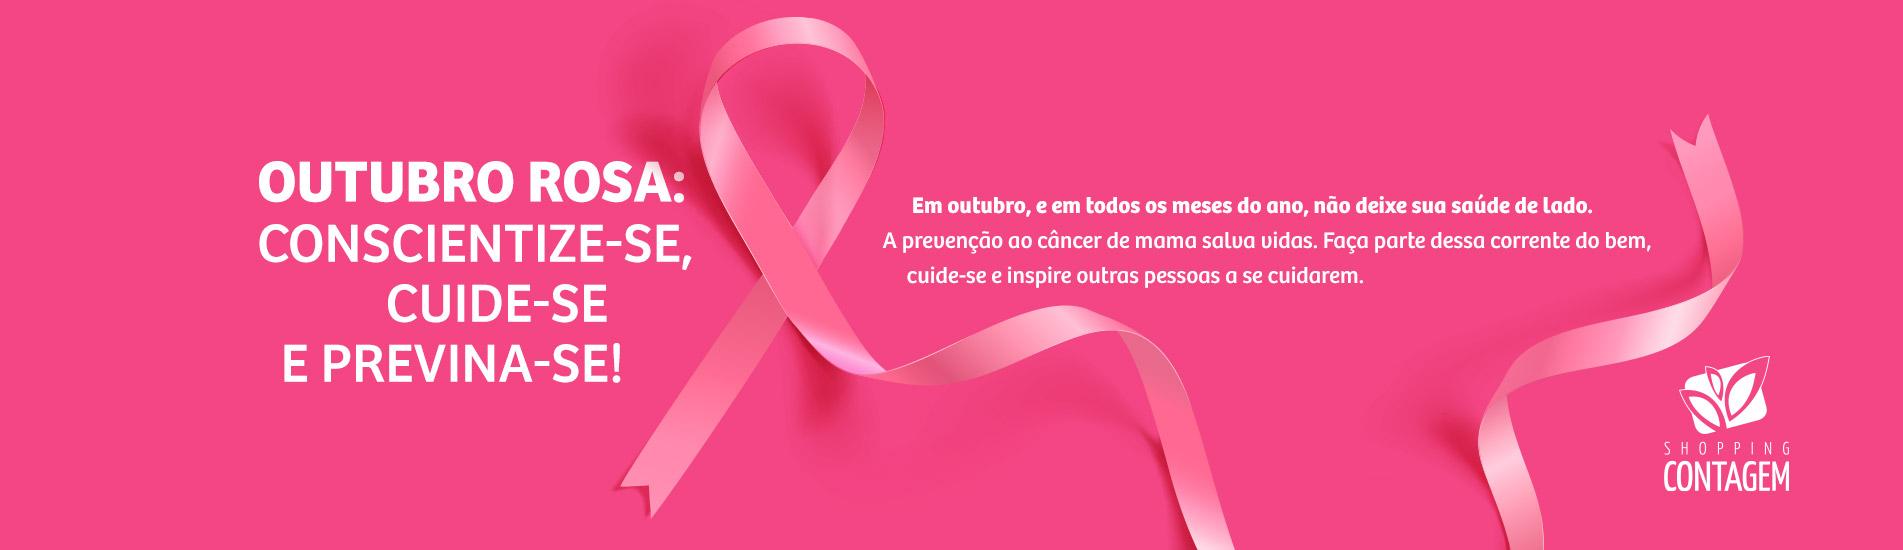 Banner Outubro Rosa 2020